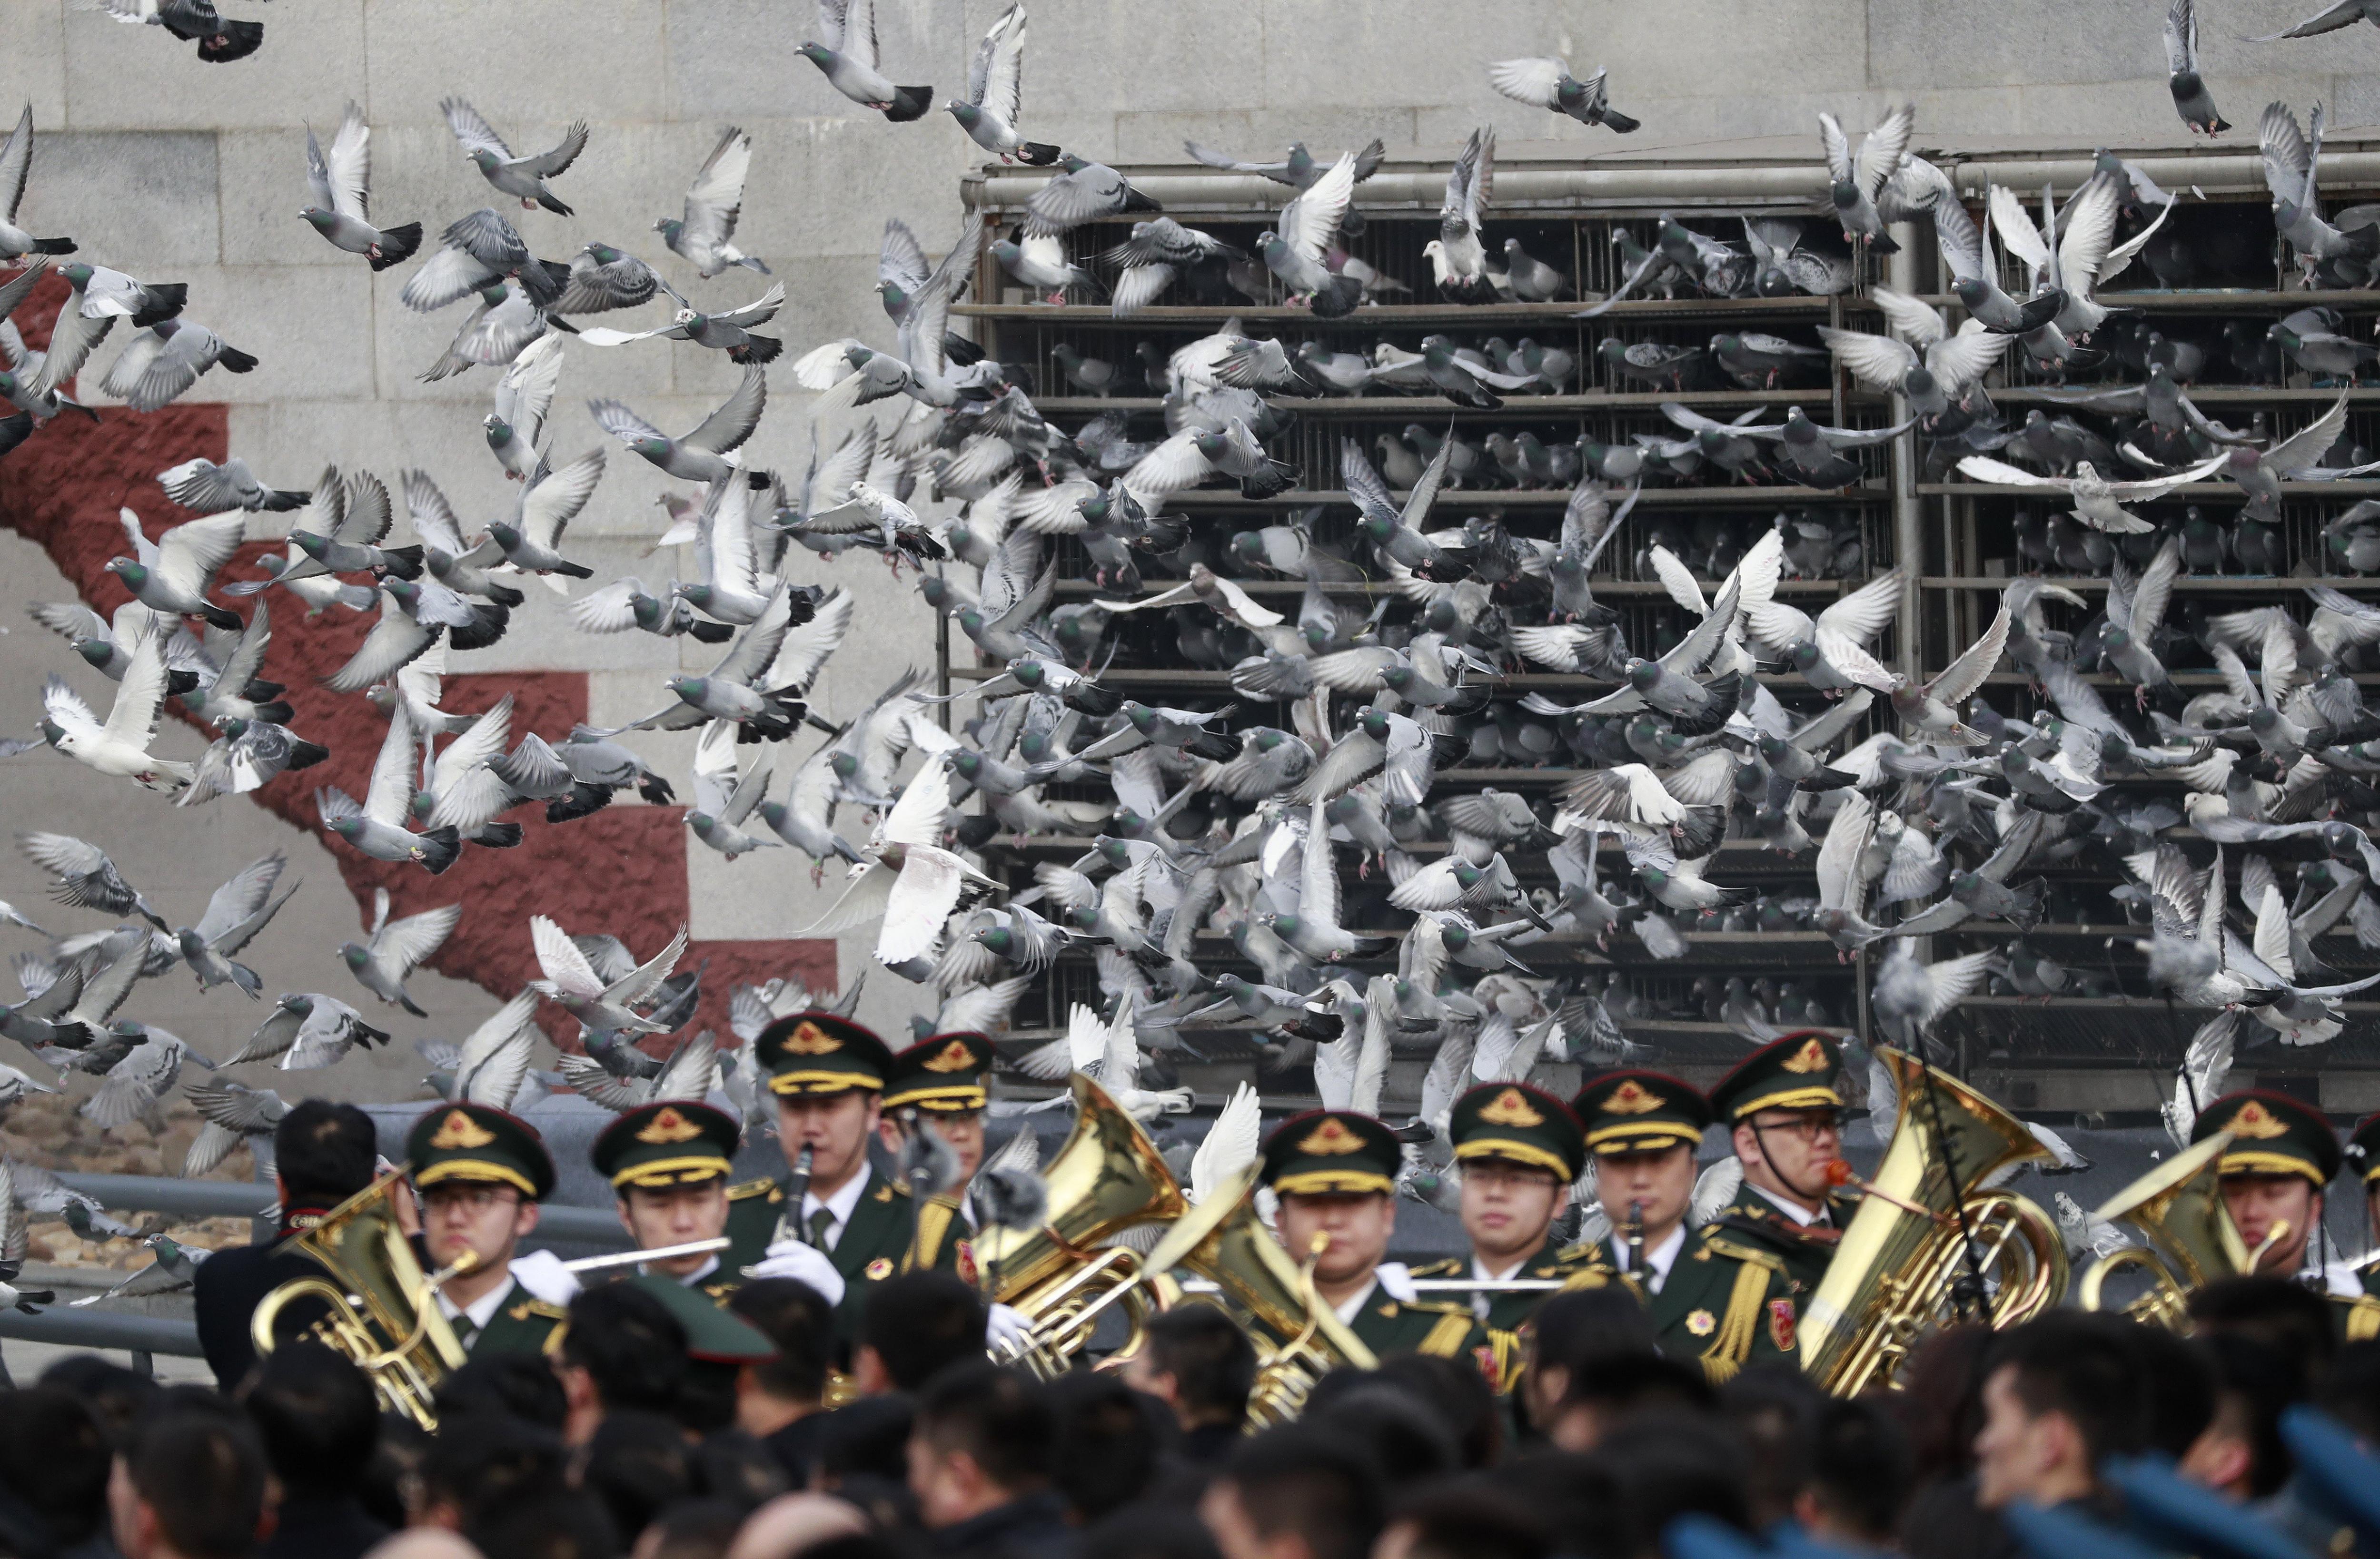 Xina commemora el 80 aniversari de la massacre de Nanjing el 1937 per les tropes japoneses. /HOW HWEE YOUNG